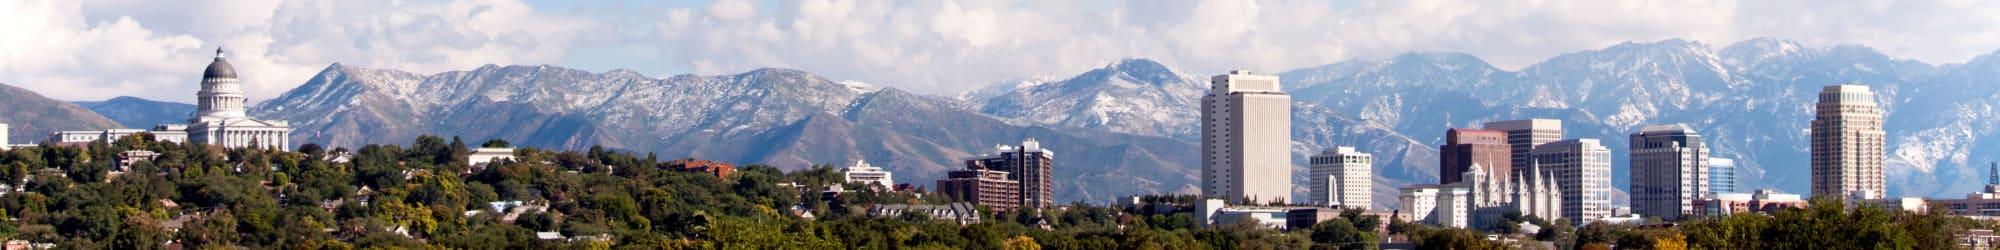 Schedule a tour at Liberty SKY in Salt Lake City, Utah